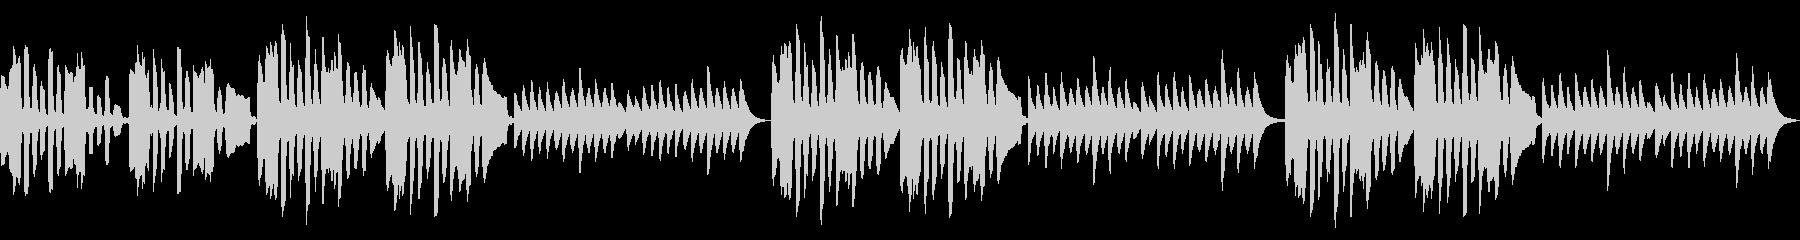 リコーダーとマリンバのコミカルなループ曲の未再生の波形